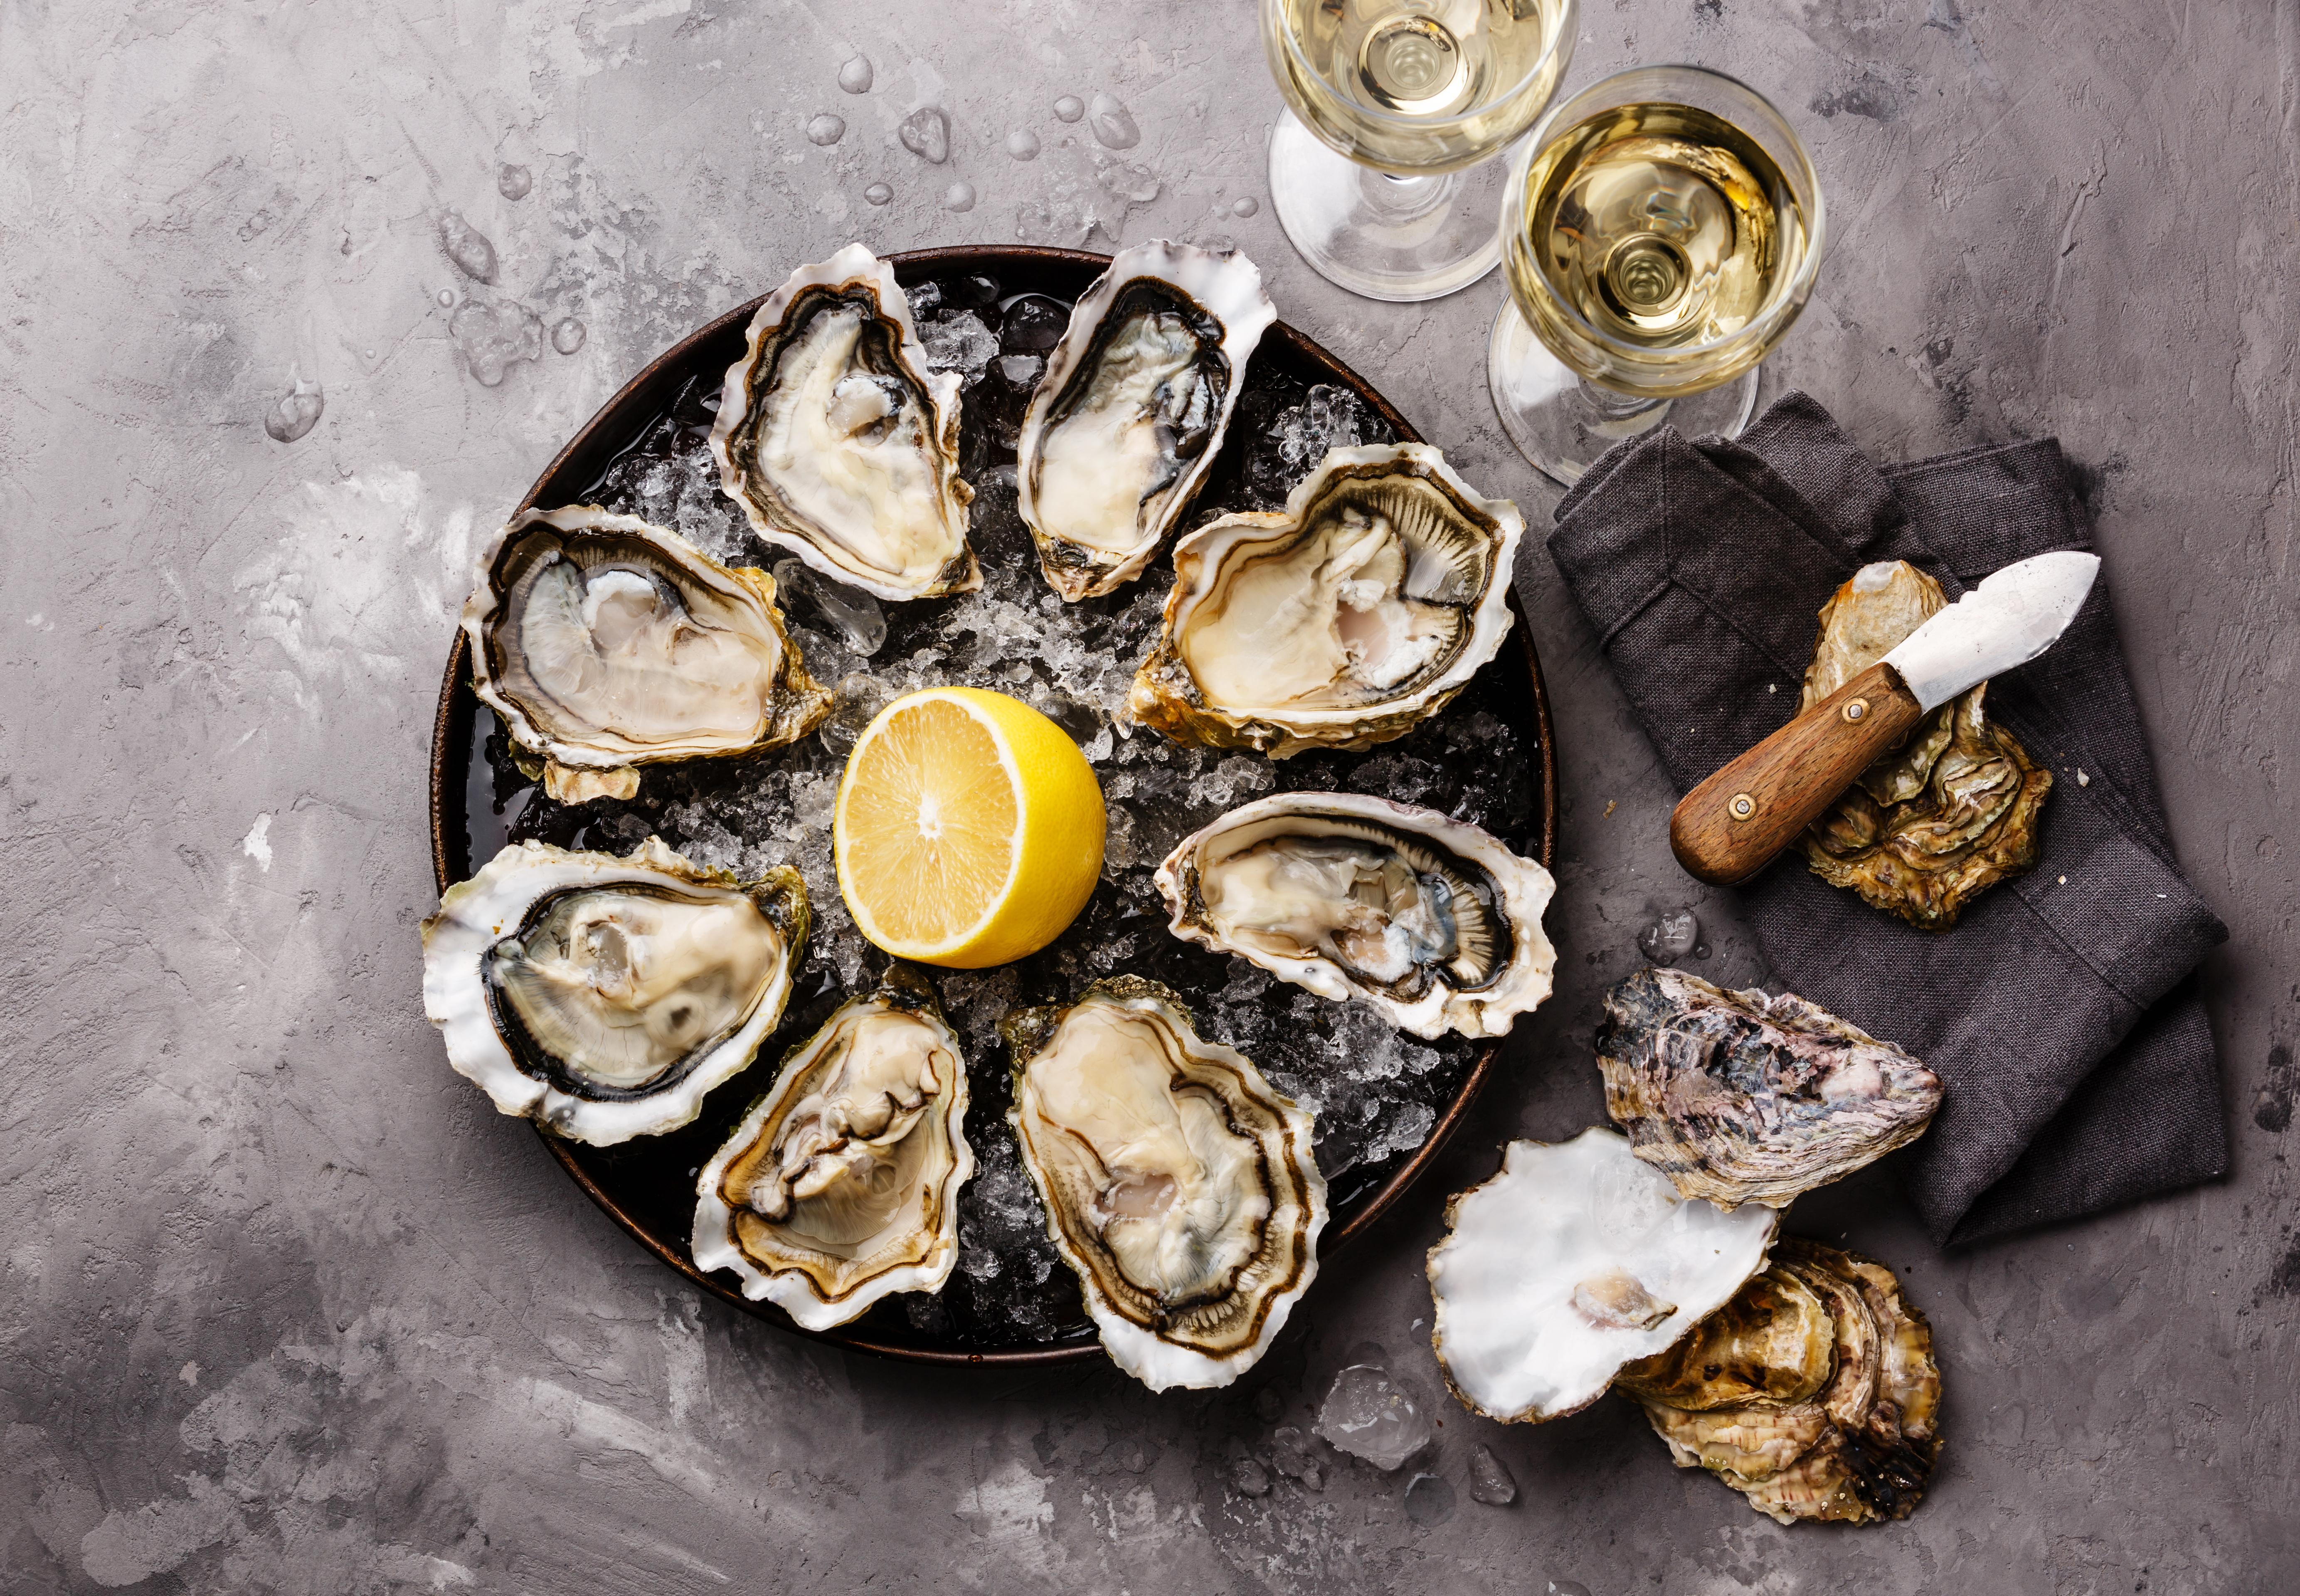 Harmonização clássica: vinho branco Chablis e ostras frescas.